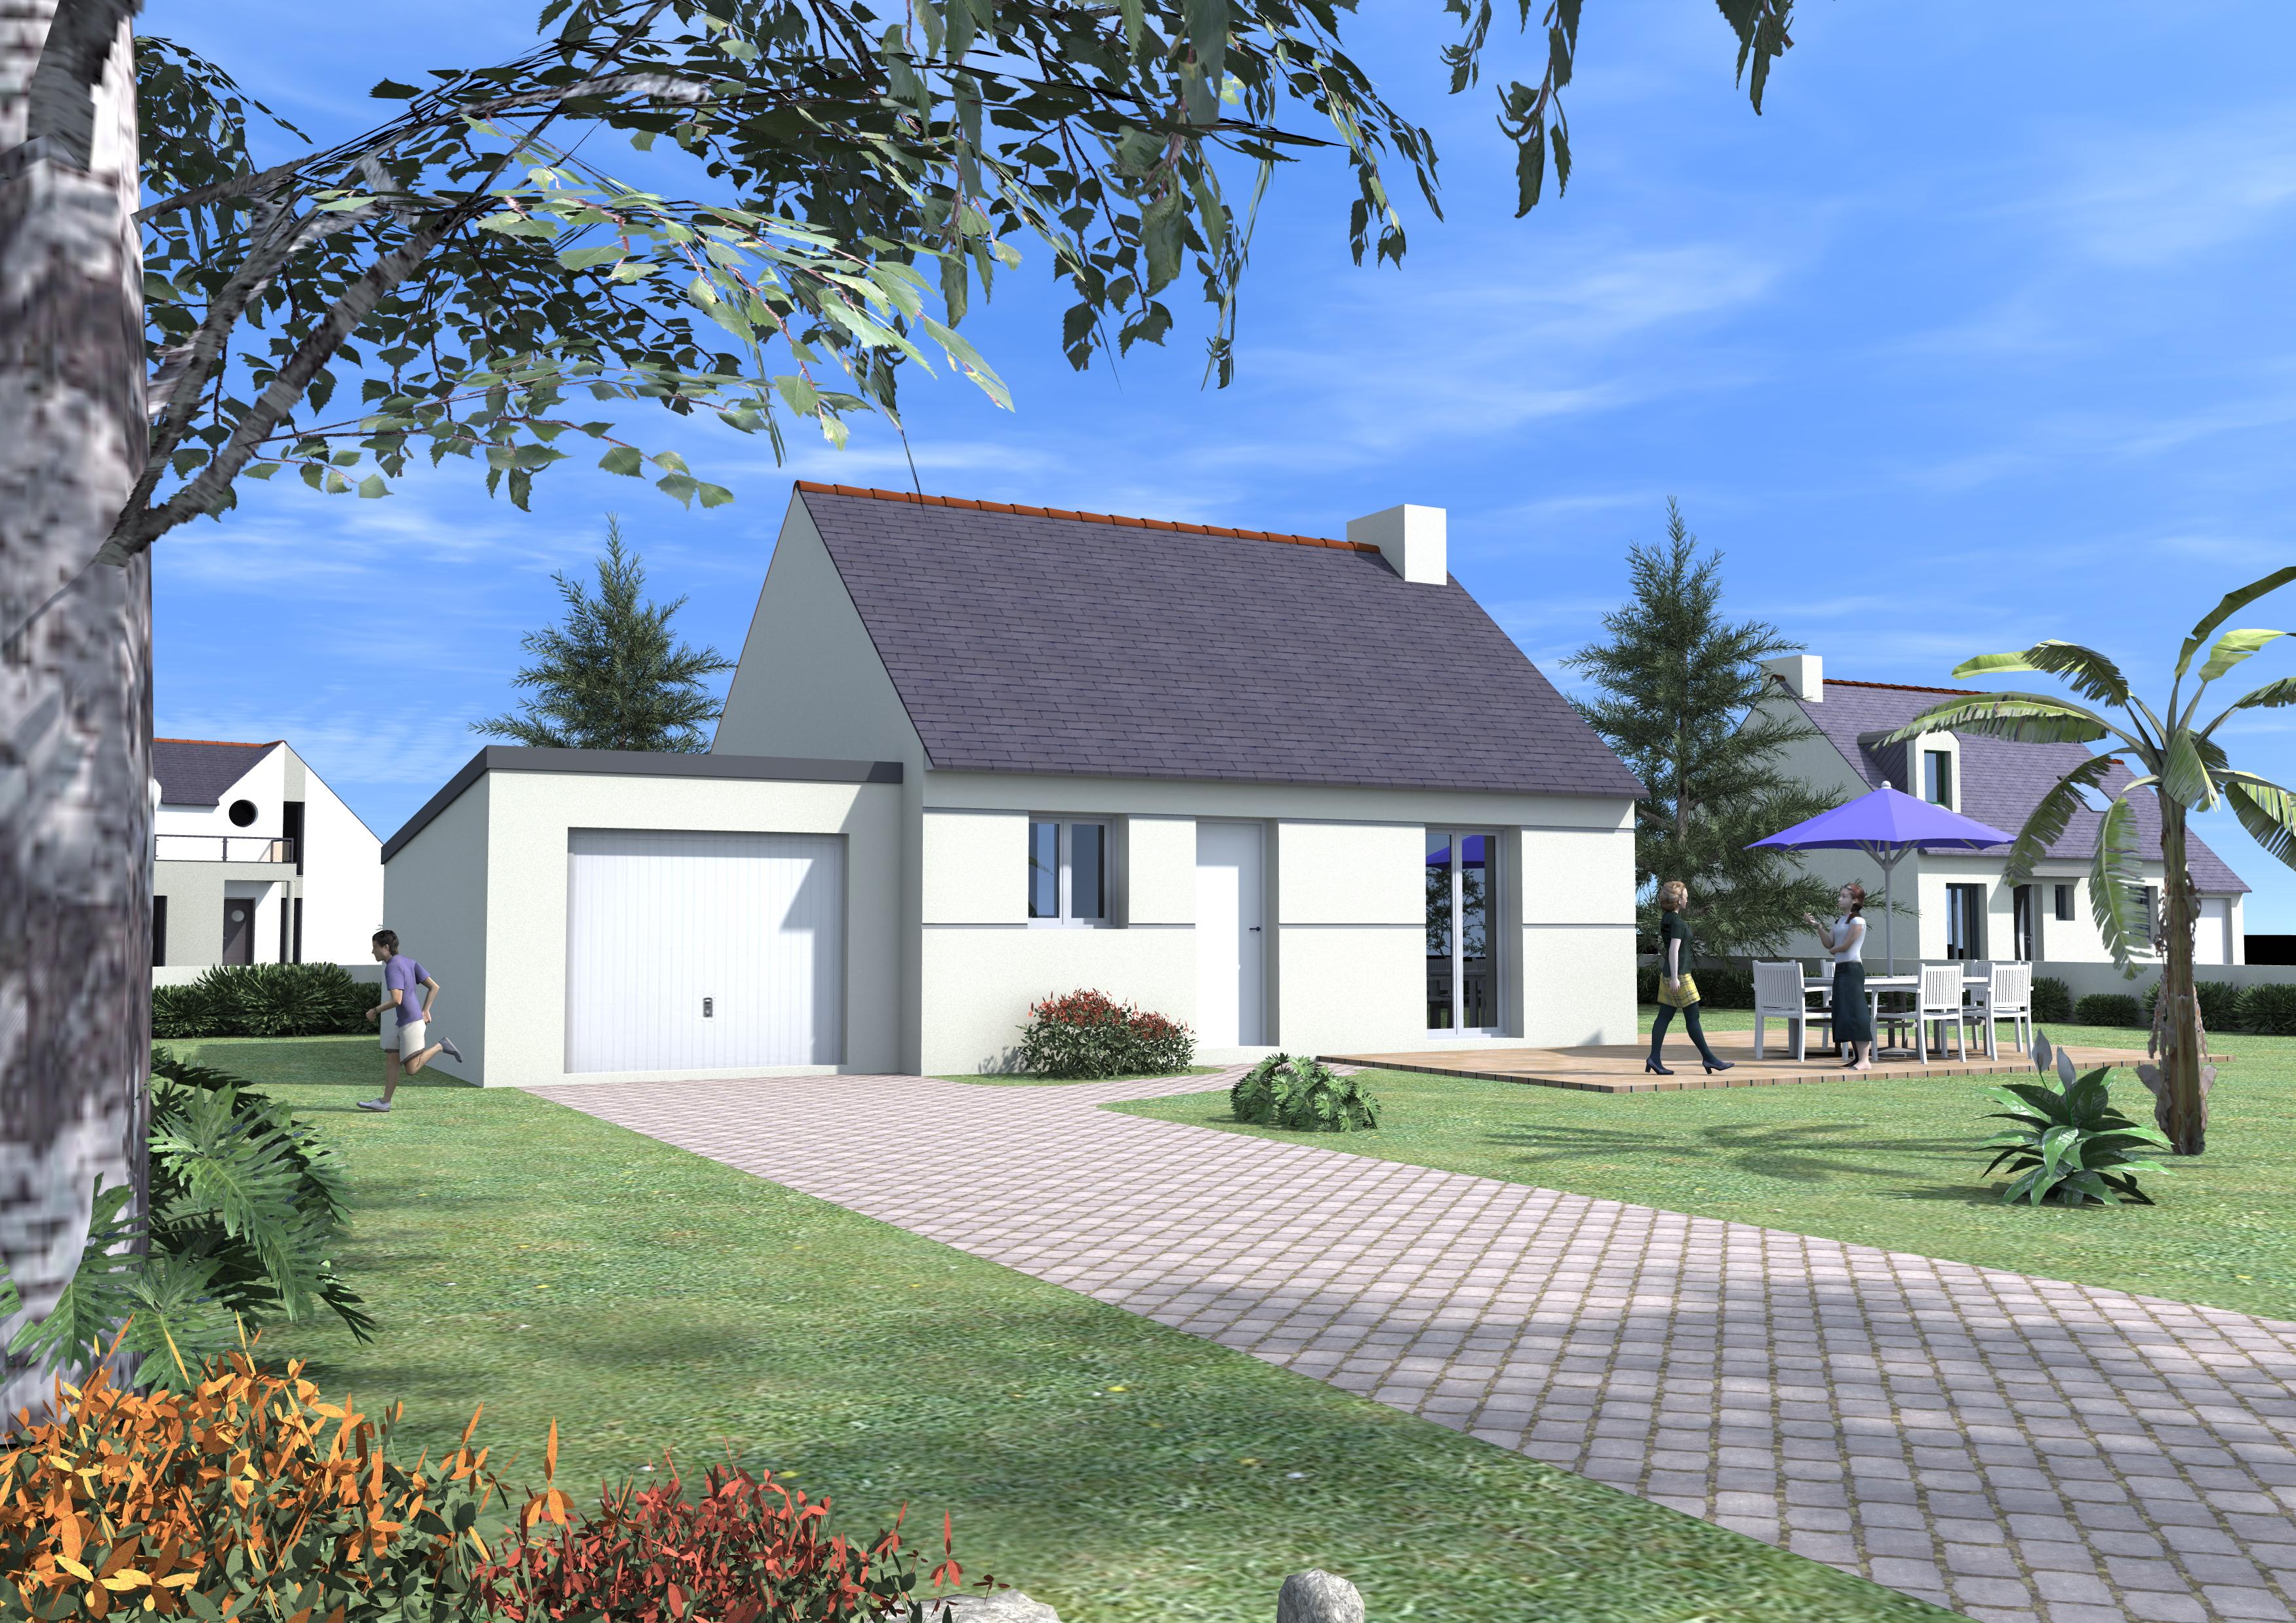 Sens de bretagne maison neuve terrain de 476 m2 blm 35 for Terrain maison neuve